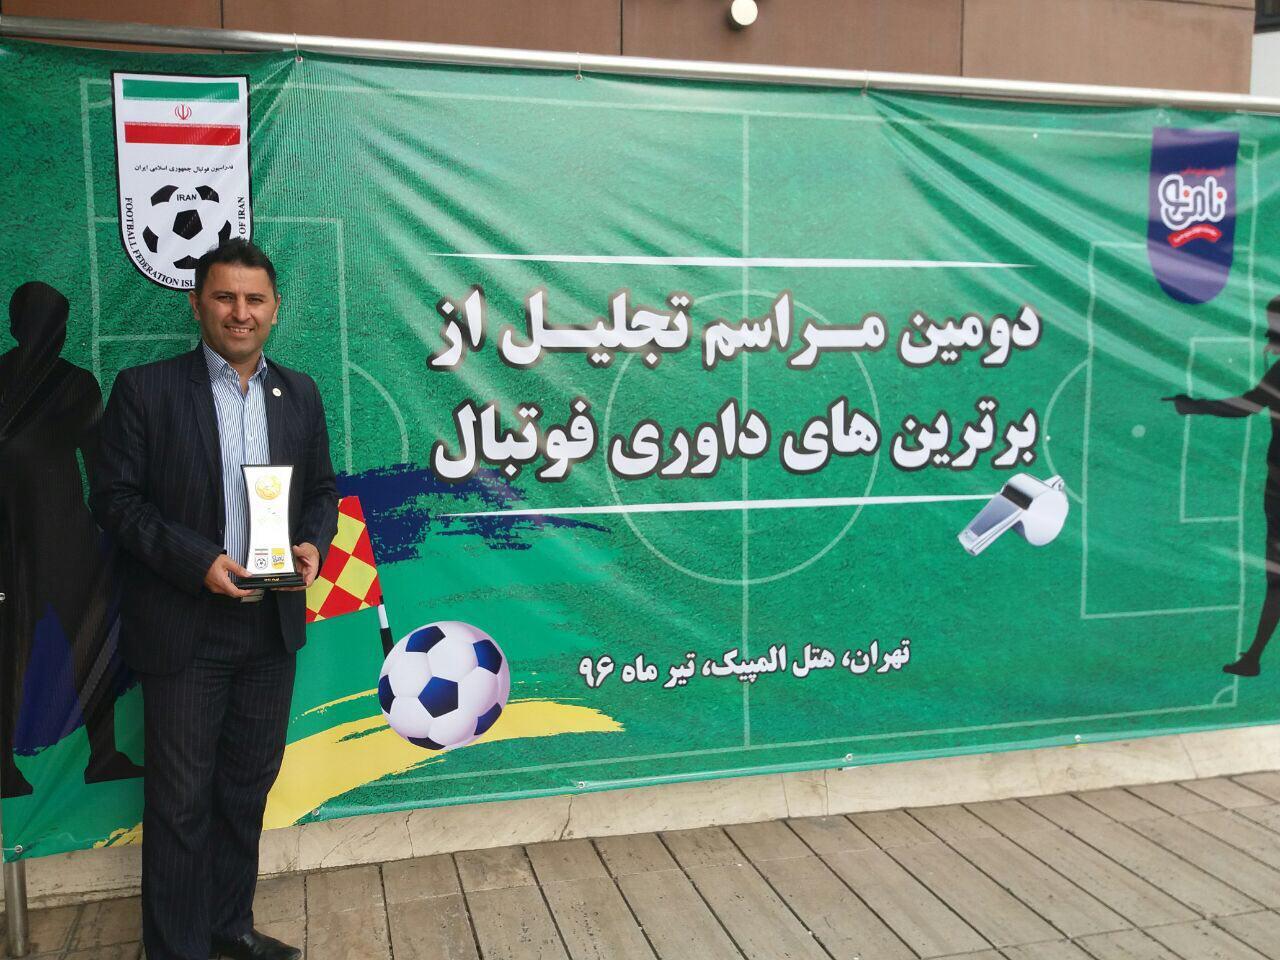 محمود نصیرلو برترین داور فوتسال شد/خورشیدی و کاظمی در جمع برترین های فوتبال